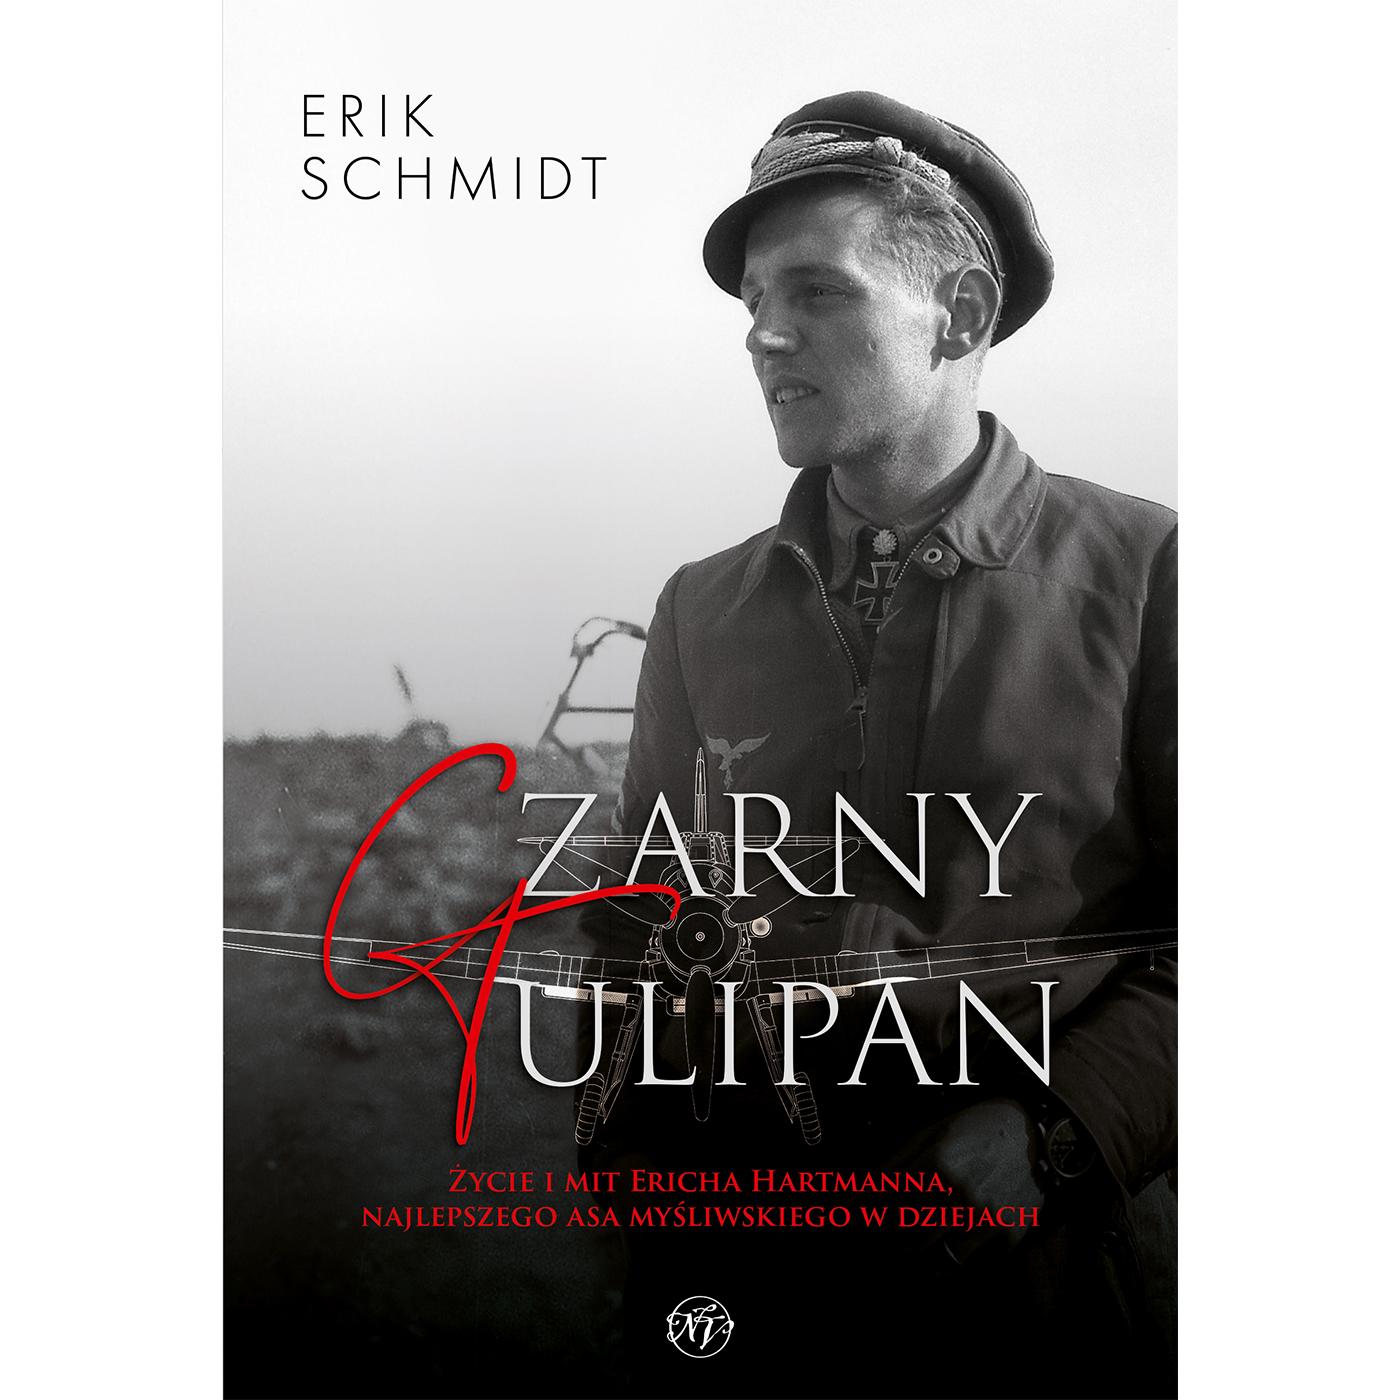 Czarny Tulipan. Życie i mit Ericha Hartmanna, najlepszego asa myśliwskiego w dziejach